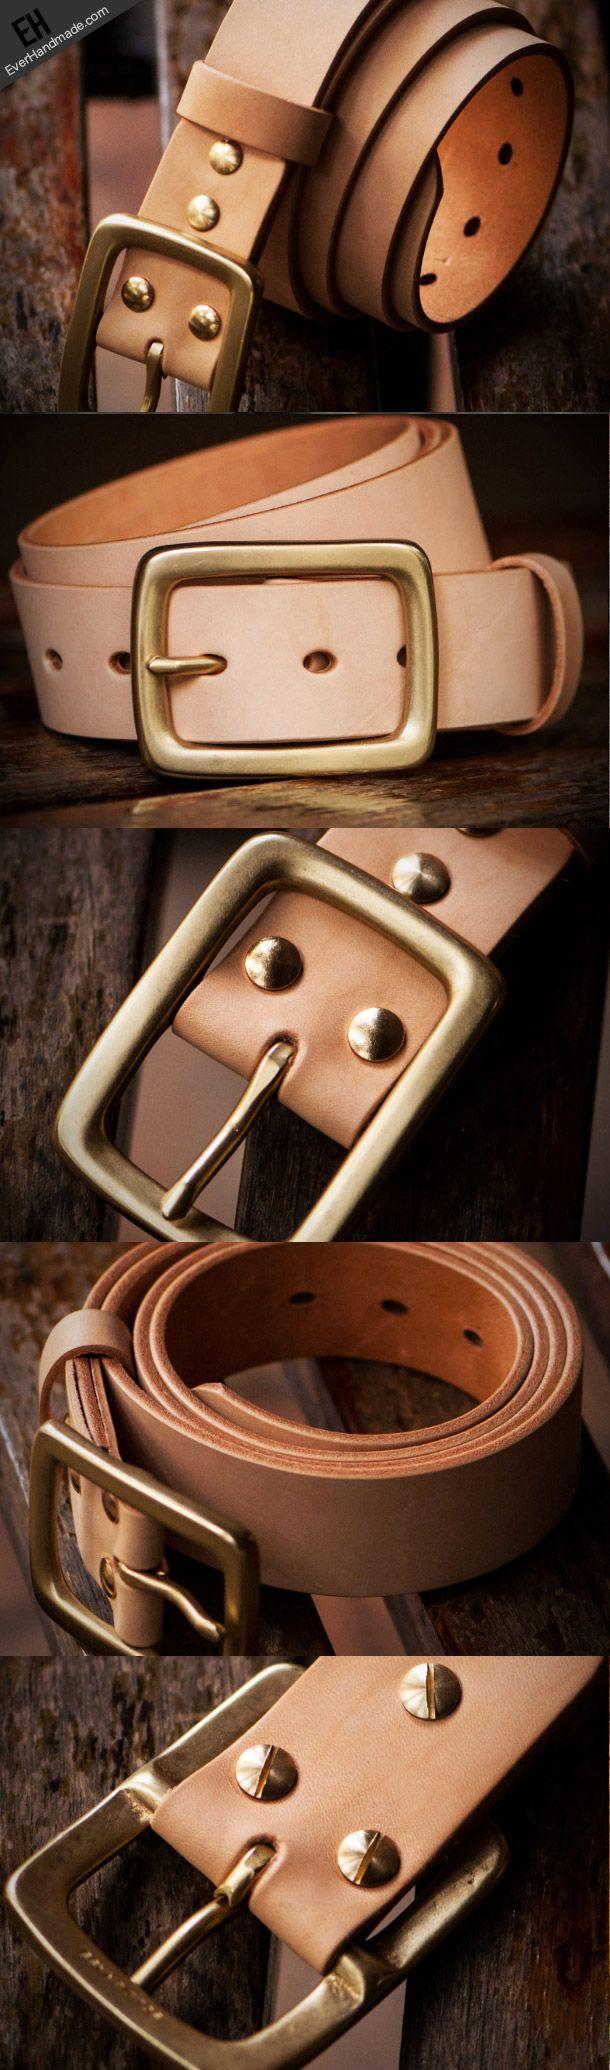 Handmade leather Beige gift Leather tooled men vintage men belt